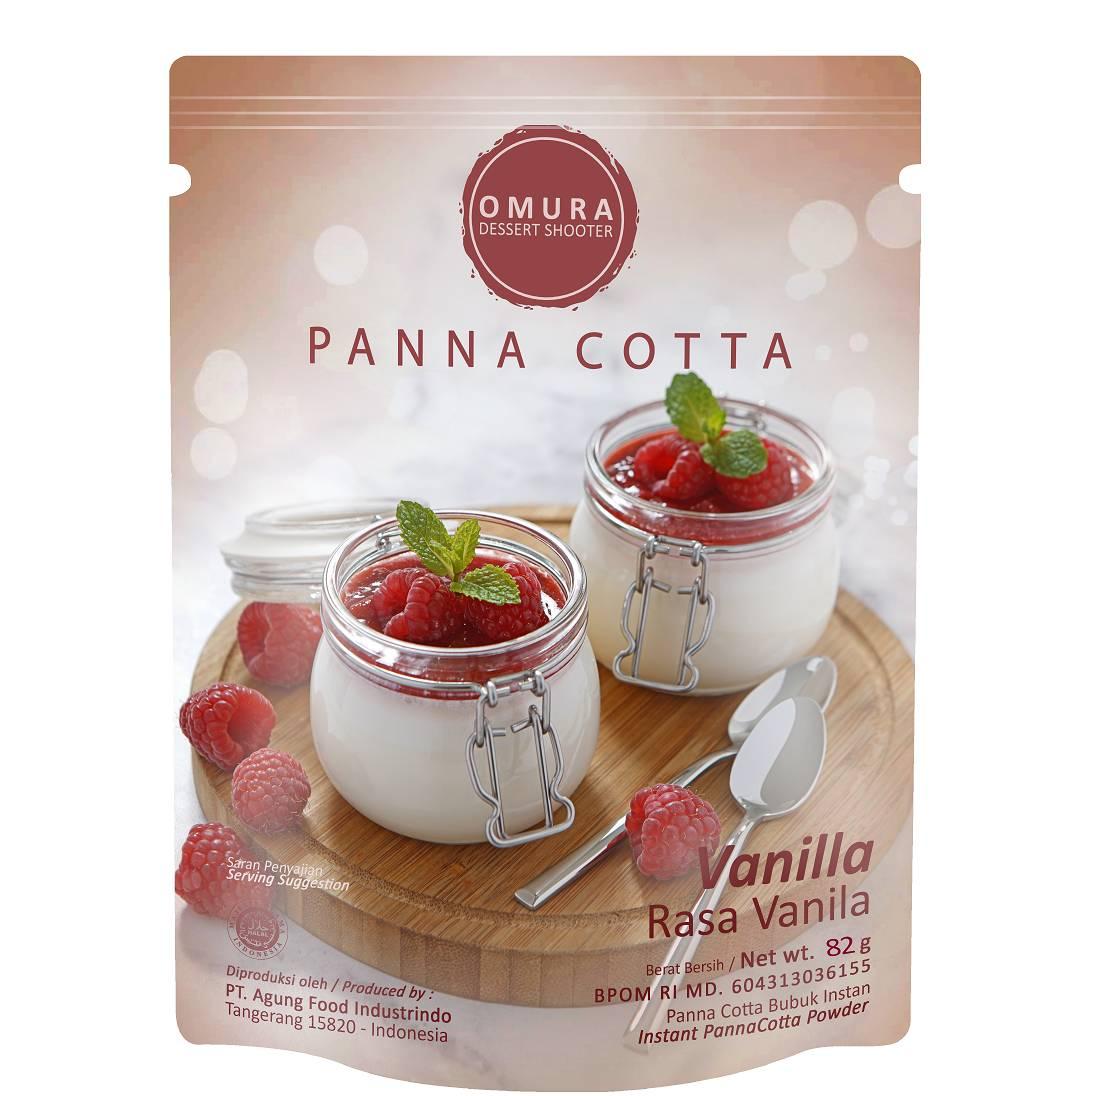 Omura Dessert Shooter - Panna Cotta Rasa Coklat 1 Lusin2